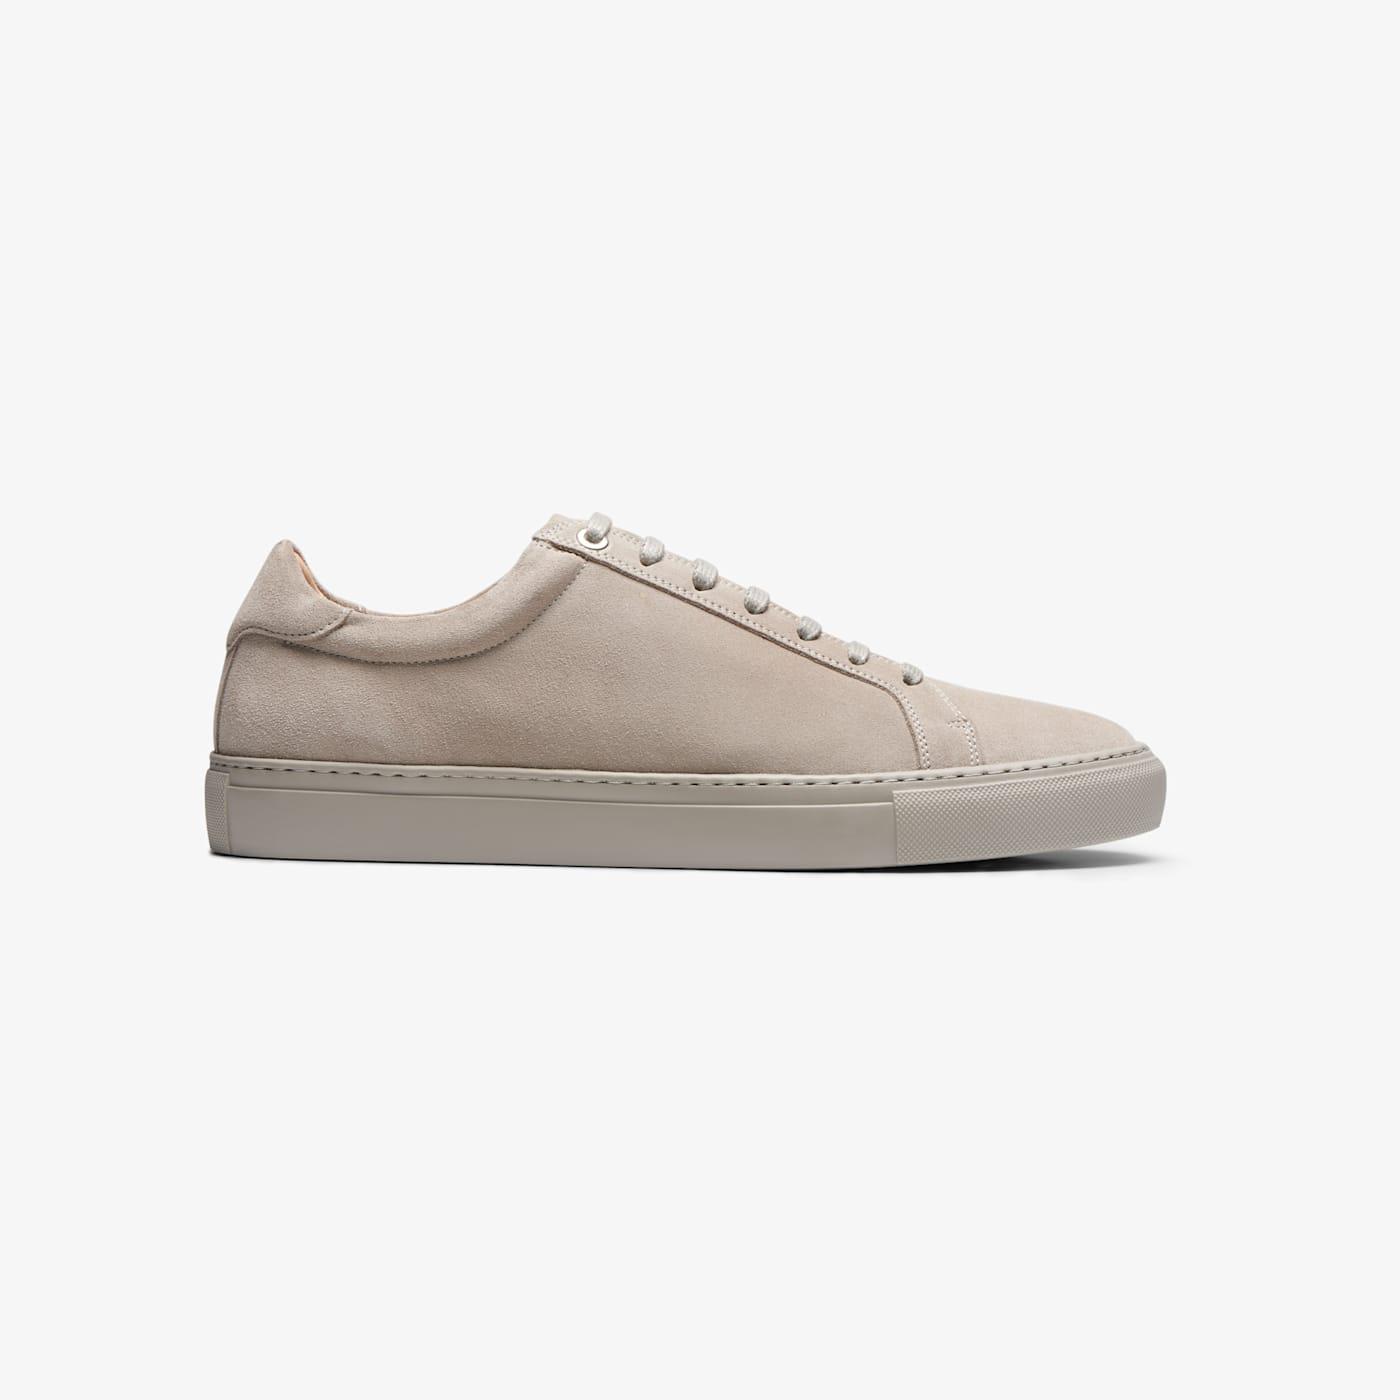 Artikel klicken und genauer betrachten! - Ein leichter Schuh für lässige Styles - dieser graue Sneaker besteht aus geschmeidigem italienischen Kalbsvelours. Mit flexibler Gummisohle im gleichen Farbton und Innensohle aus feuchtigkeitsabsorbierender Aktivkohle, die deine Füße den ganzen Tag lang frisch und trocken hält. | im Online Shop kaufen